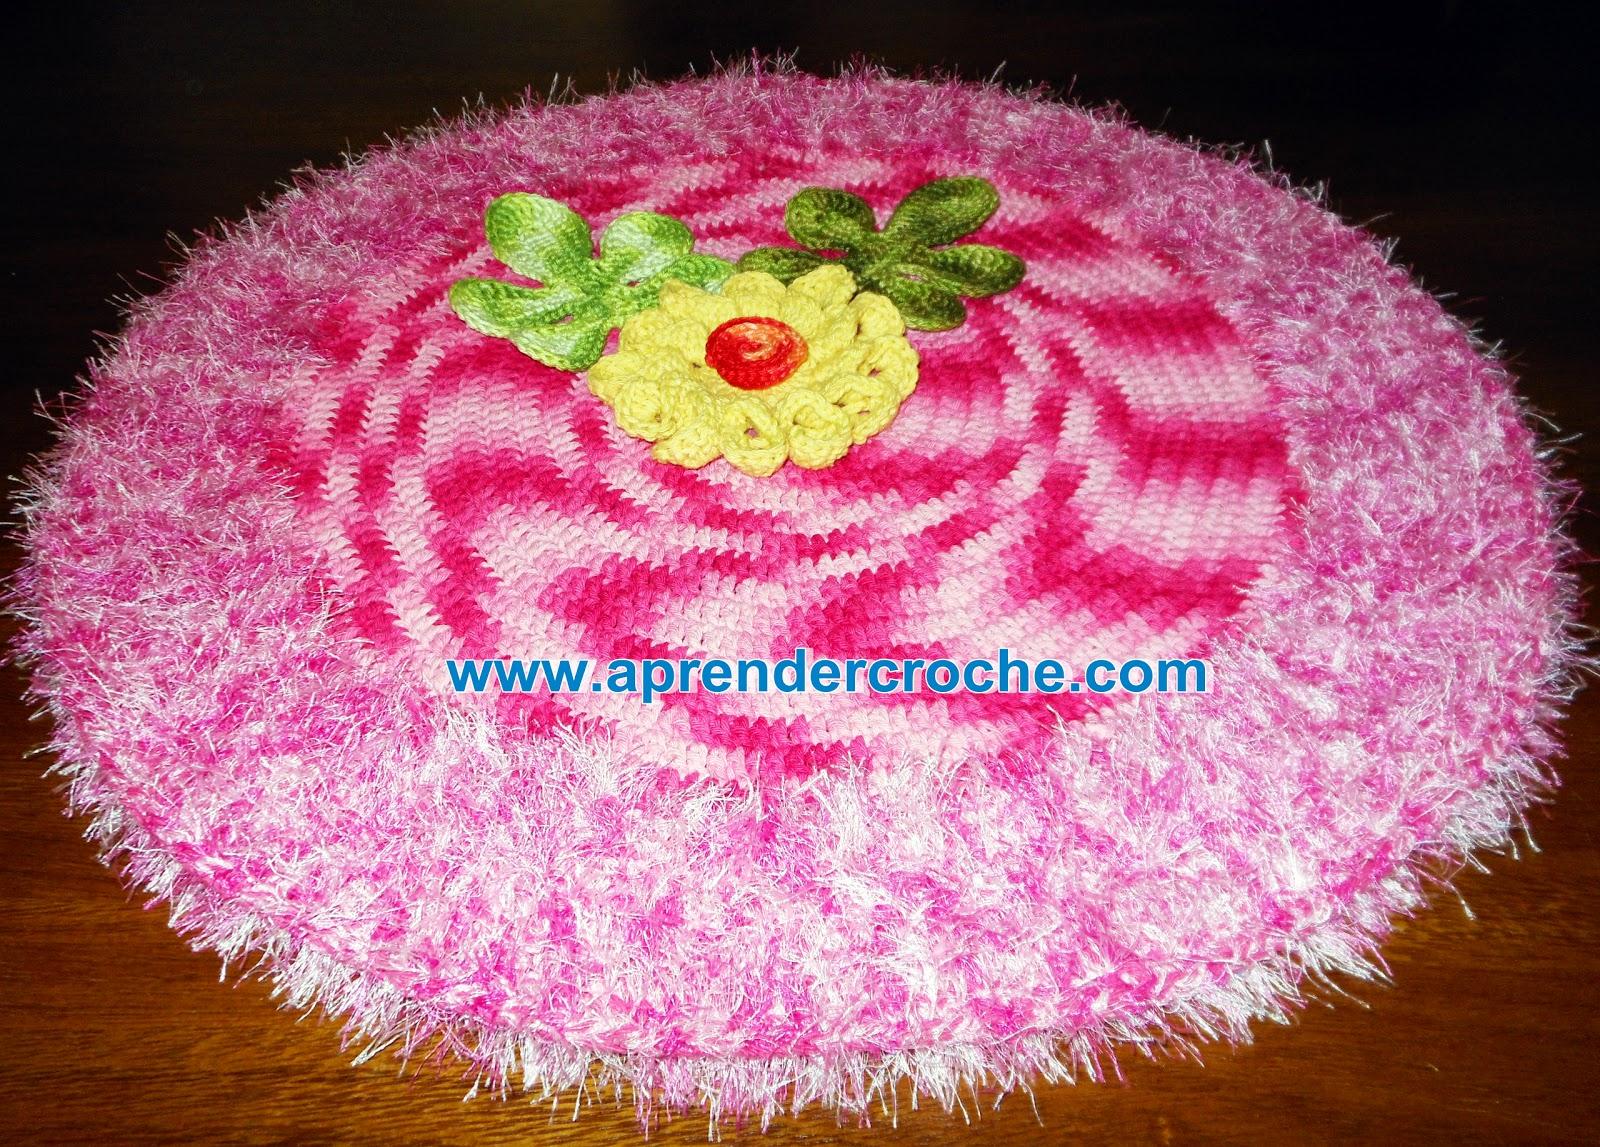 decore flores dvd edinir croche loja curso de croche frete gratis #BC0F3E 1600x1147 Balança Para Banheiro Frete Gratis